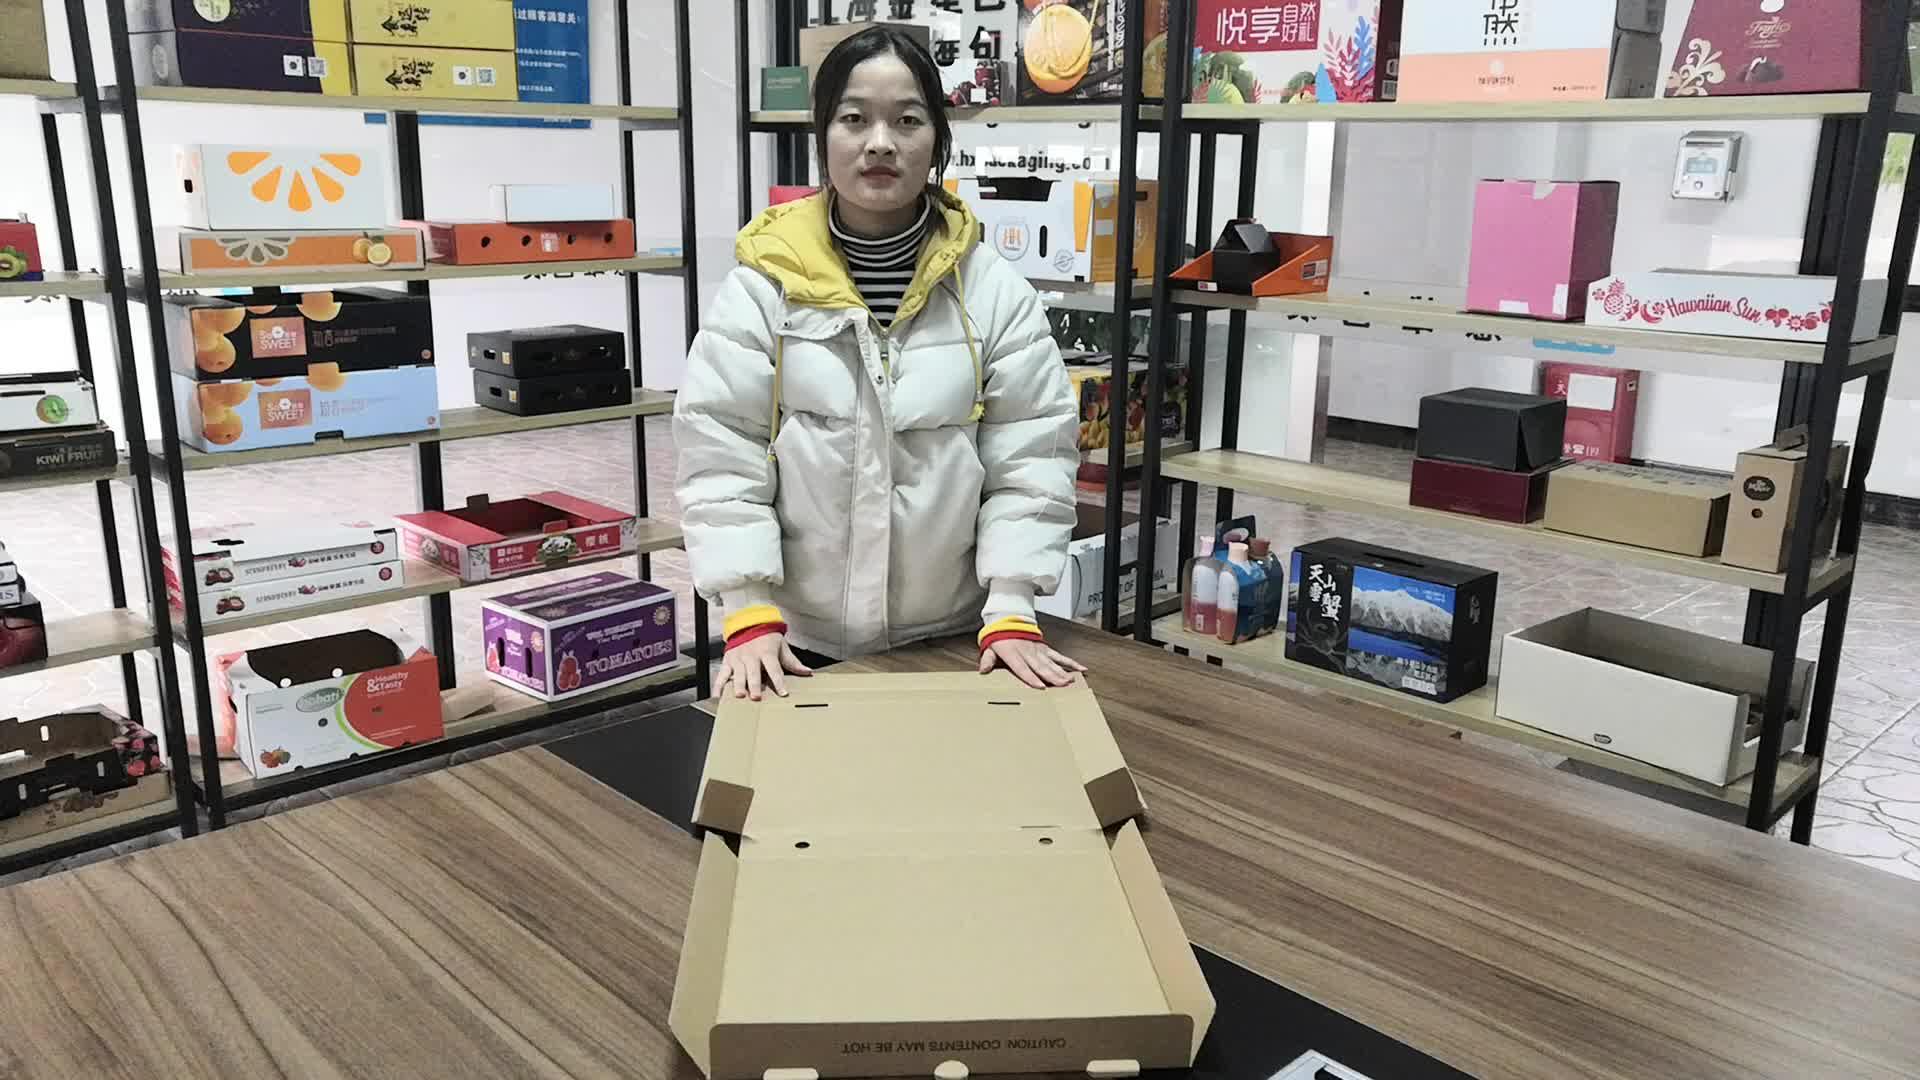 गत्ते का डिब्बा पिज्जा बॉक्स थोक, नालीदार पिज्जा बॉक्स, पिज्जा डिलीवरी बॉक्स